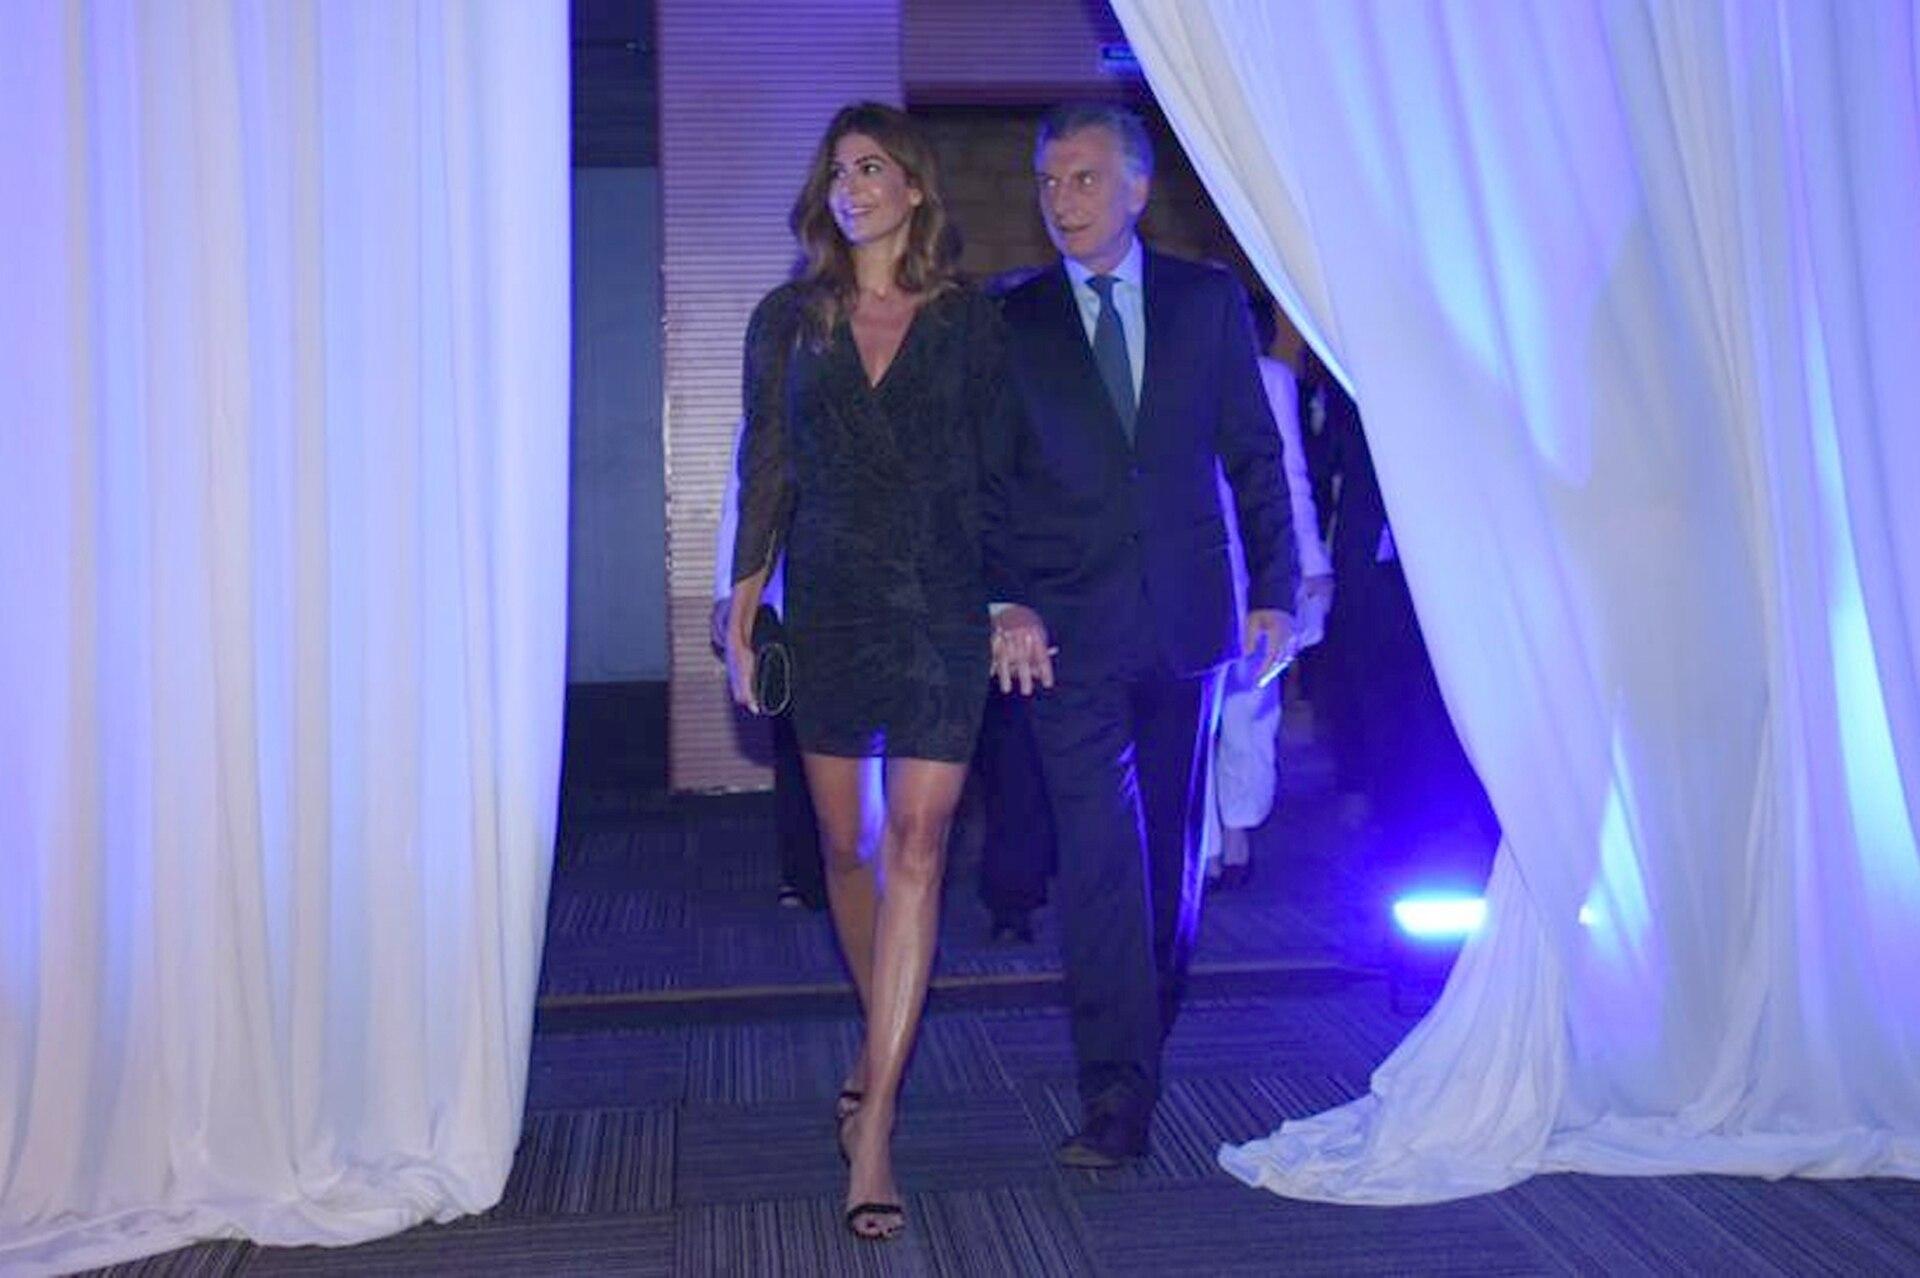 La entrada de Juliana Awada y Mauricio Macri al auditorio del Centro de Convenciones de Buenos Aires